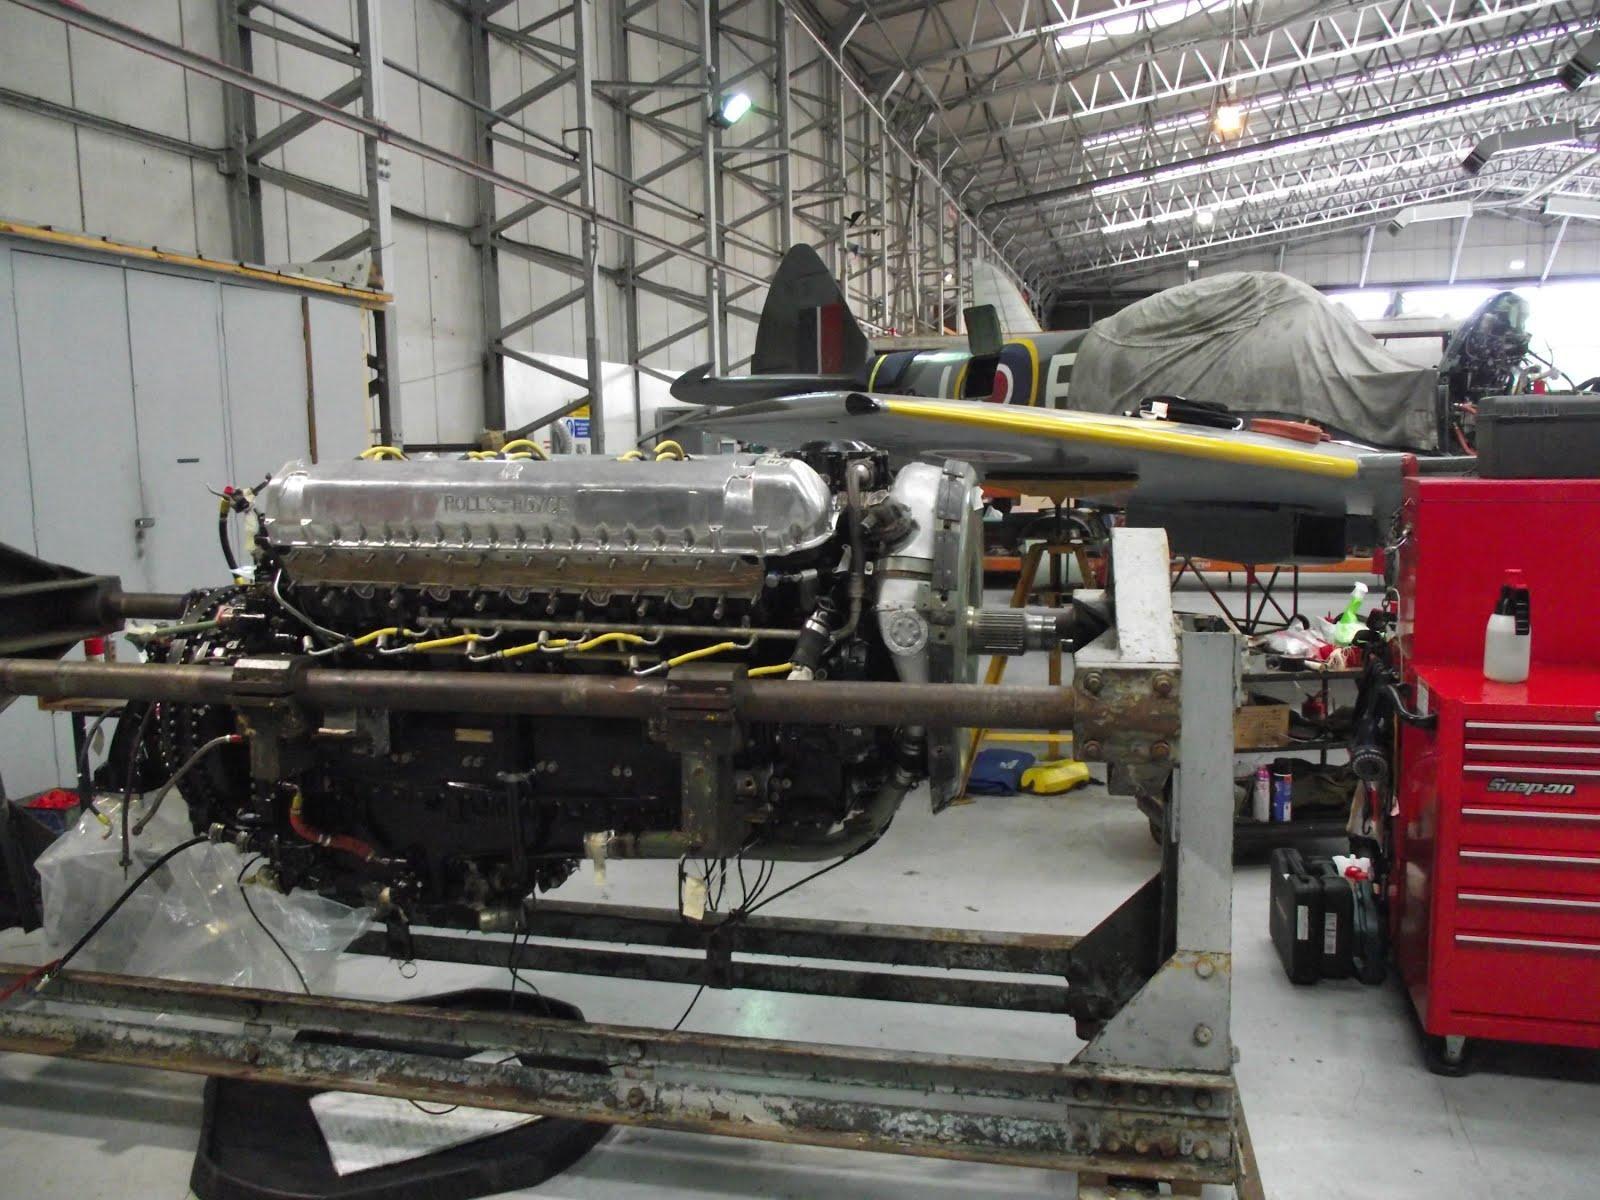 From Merlin to Griffon - Spitfire Development - News - War Thunder